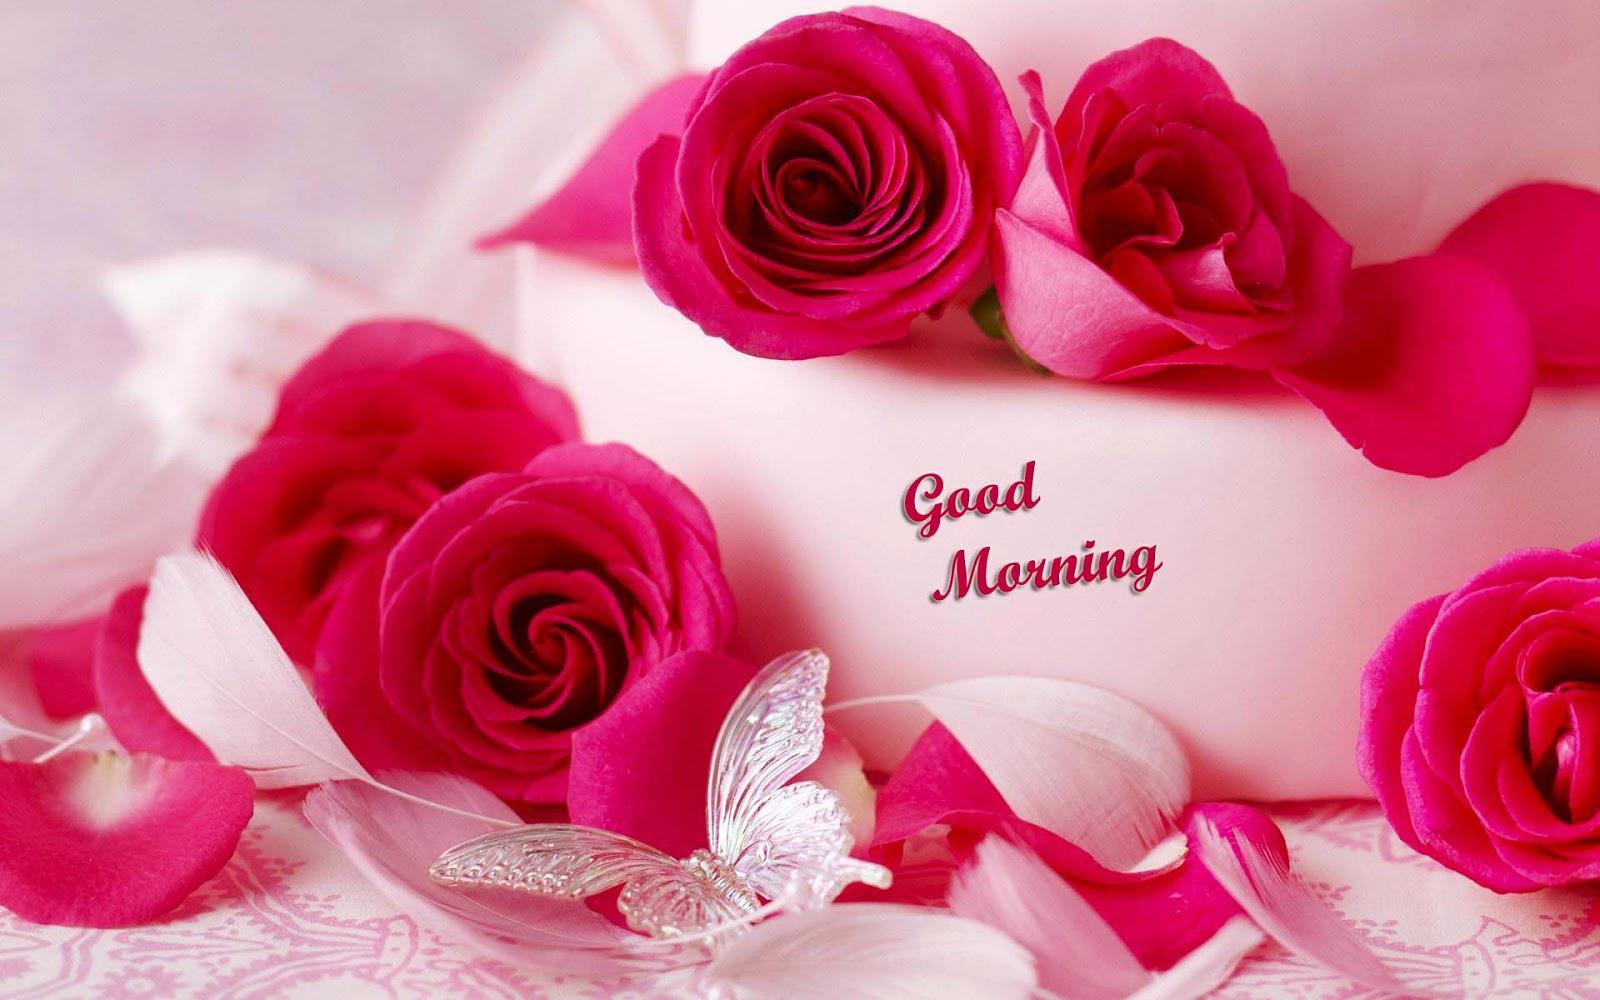 بالصور رسائل صباحية للحبيب , اجمل الماسيدجات الرومانسية في الصباح 3486 6